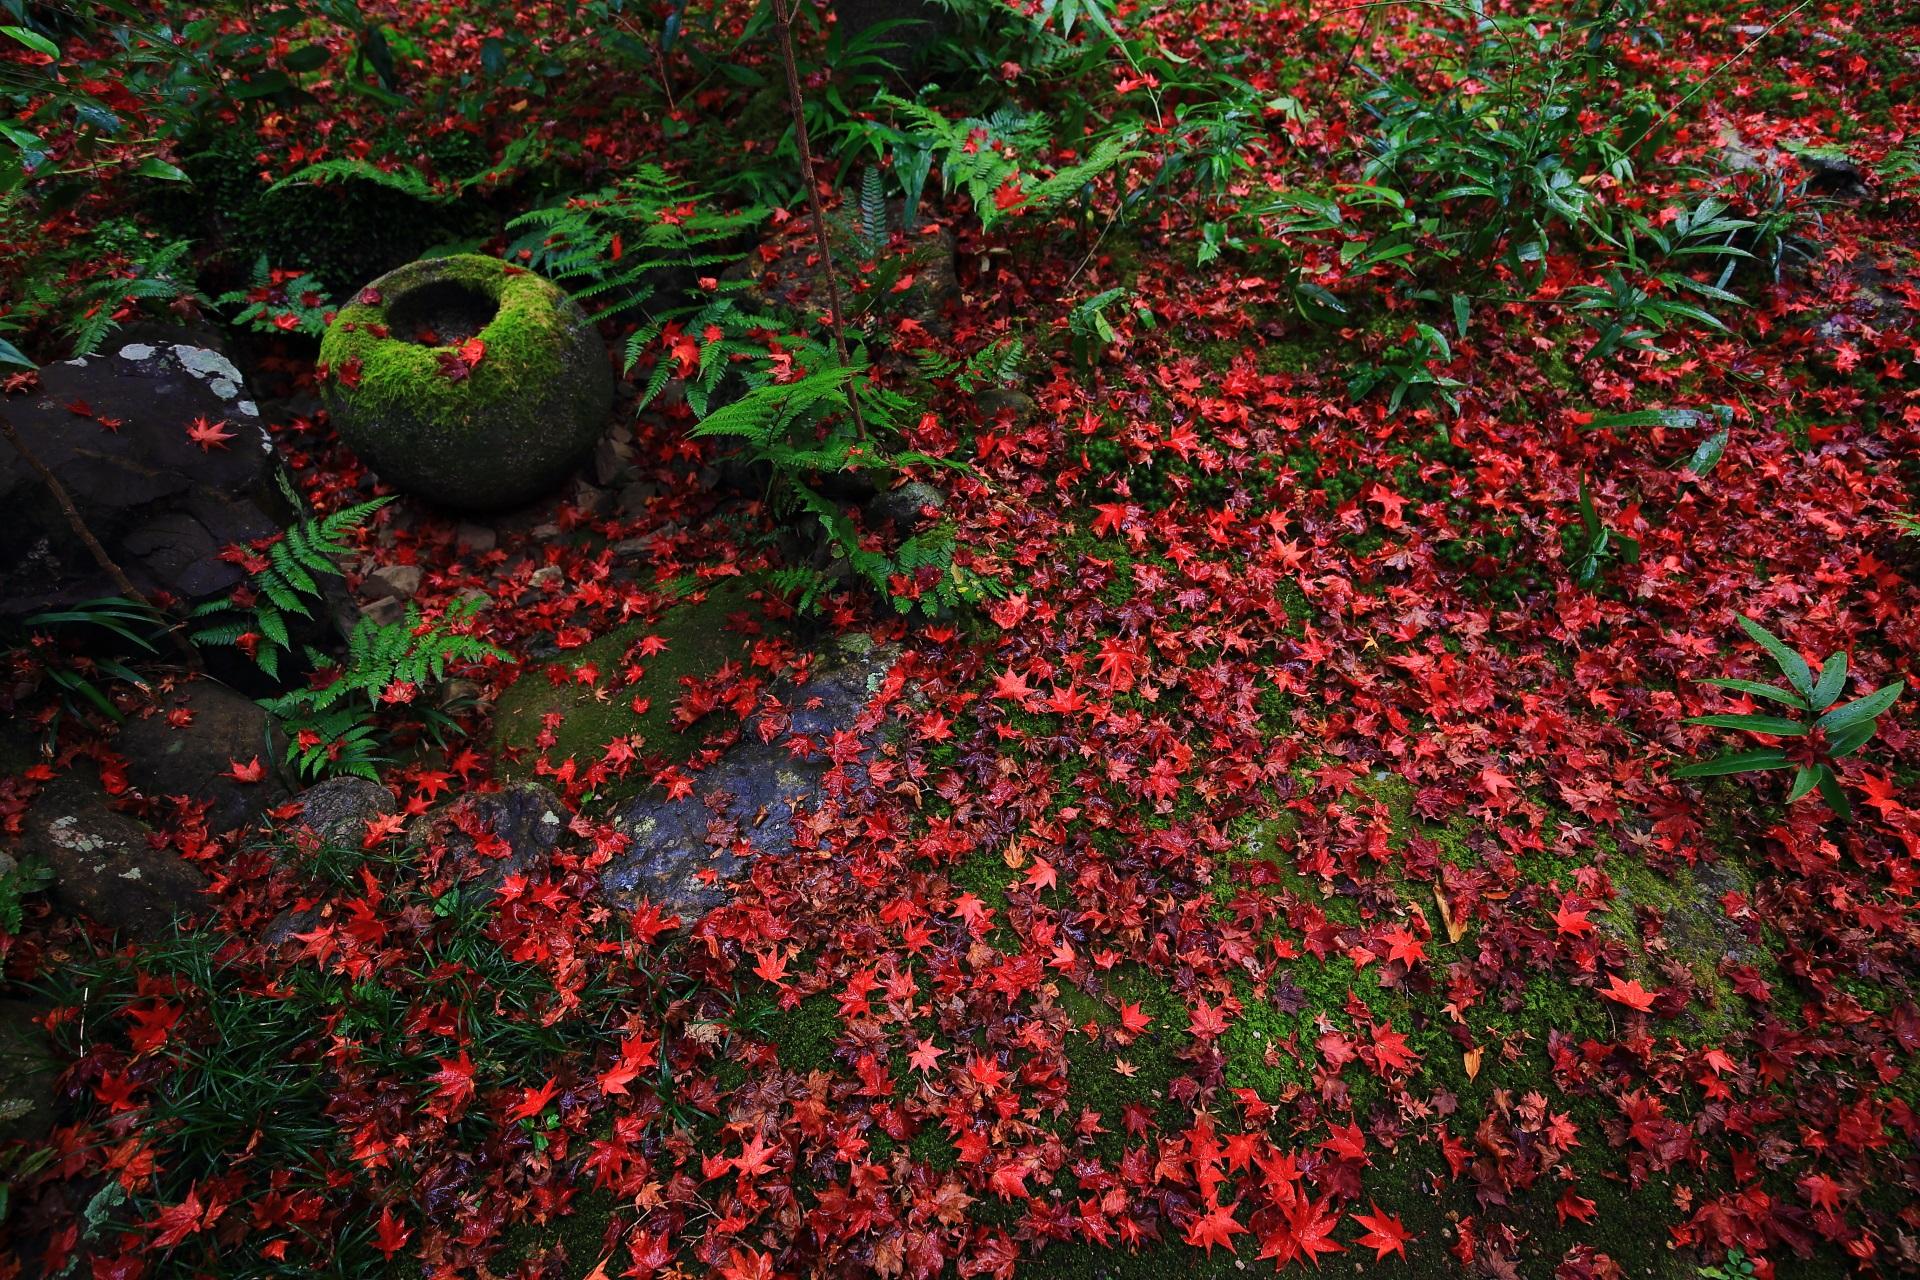 厭離庵 散りもみじ 圧巻の真っ赤な紅葉の絨毯